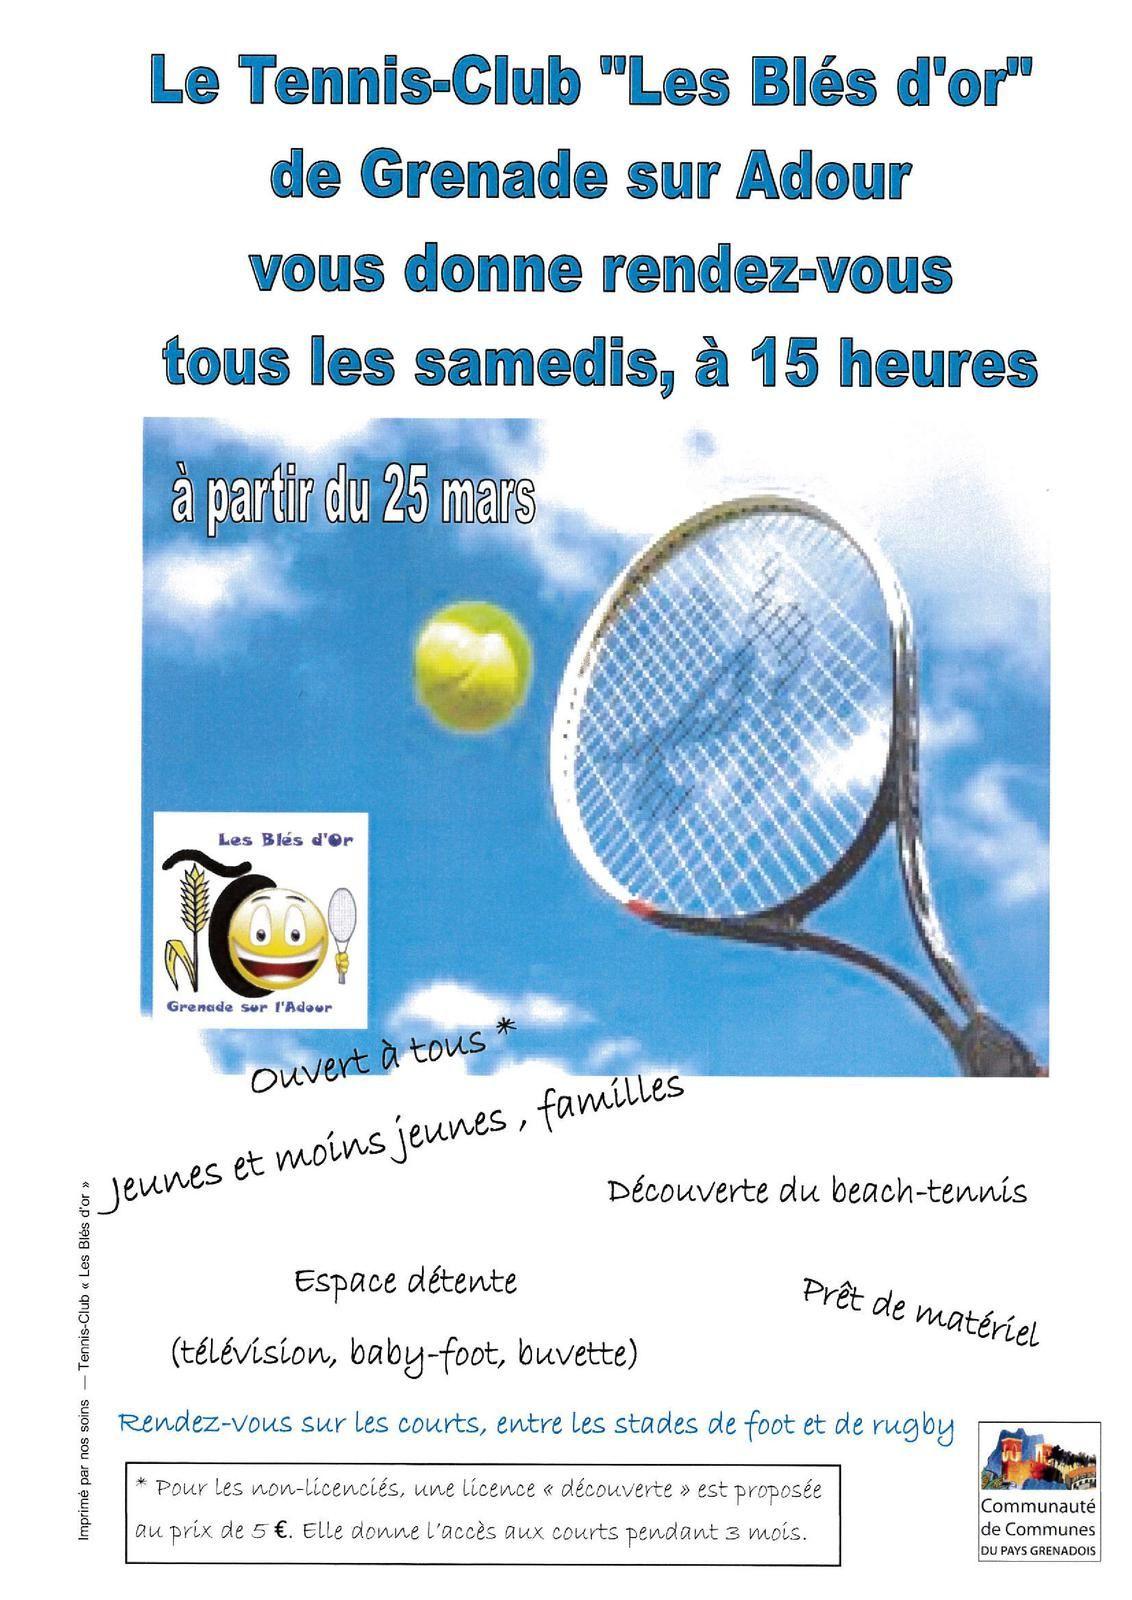 Tennis-Club Les Blés d'Or - Les rendez-vous du samedi